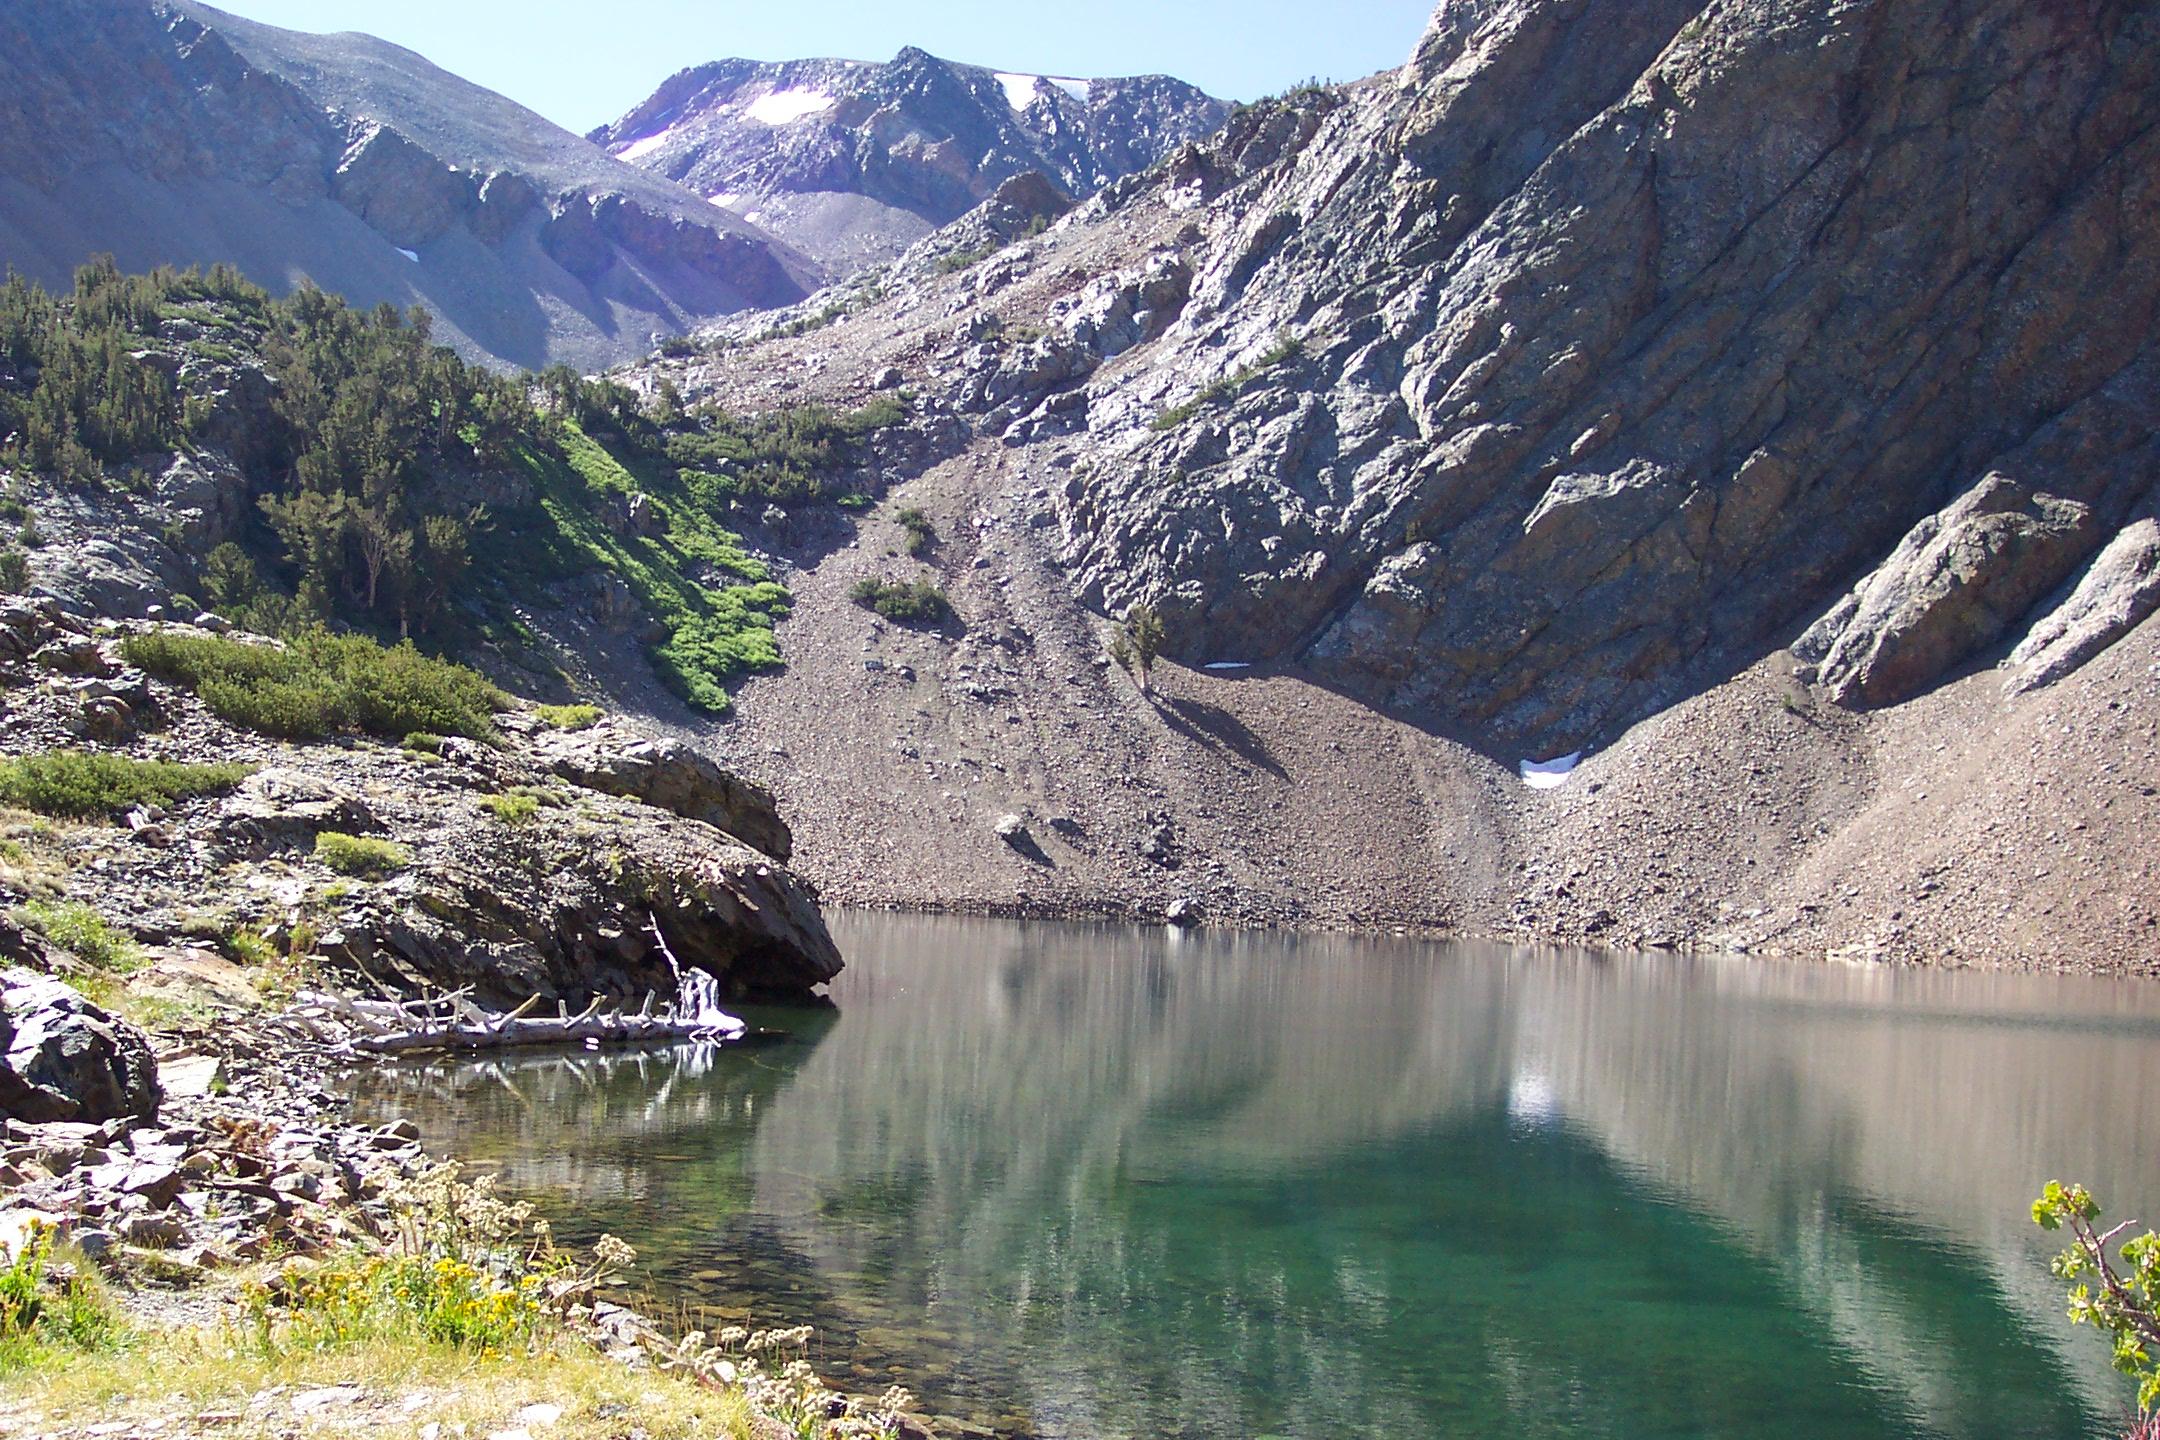 A Glacial Lake